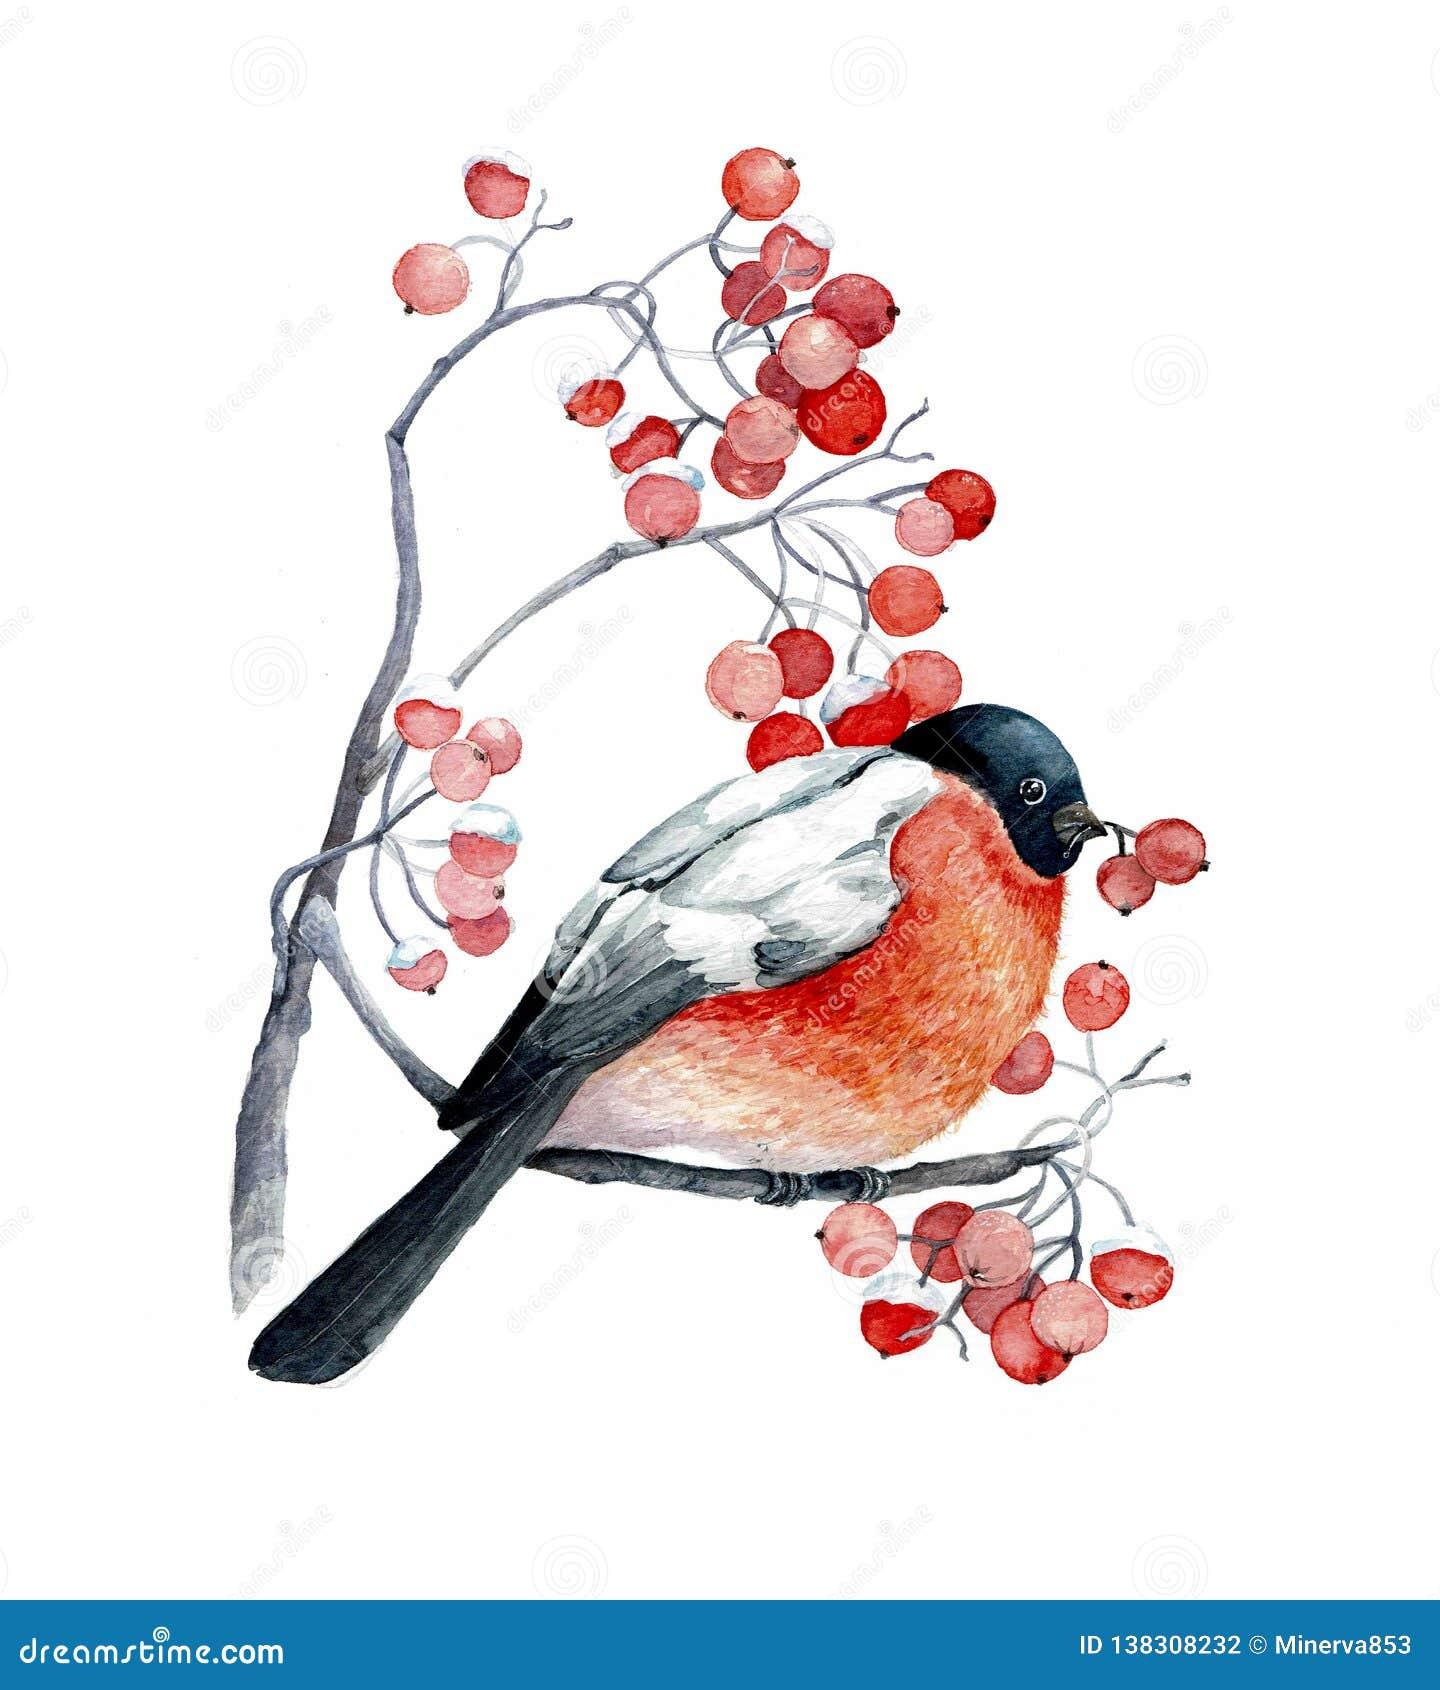 Roter Vogel auf der wilden Aschniederlassung mit roten Beeren